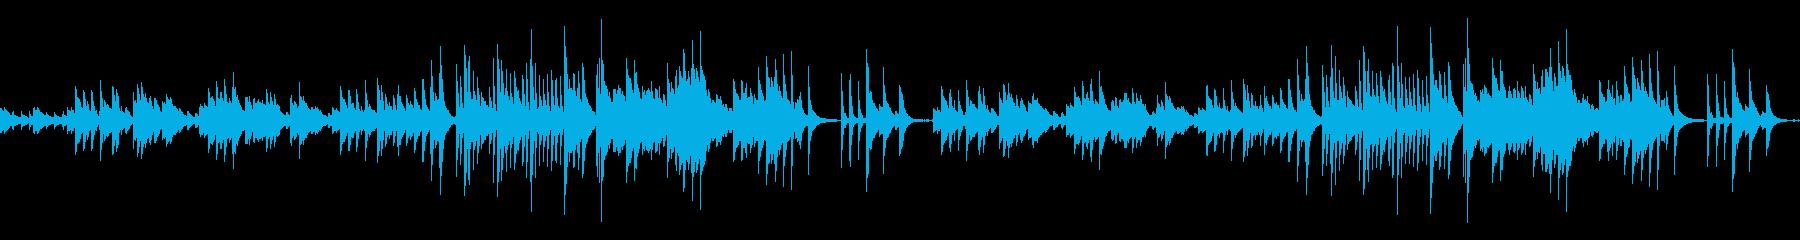 手紙をイメージした切ないピアノソロの再生済みの波形